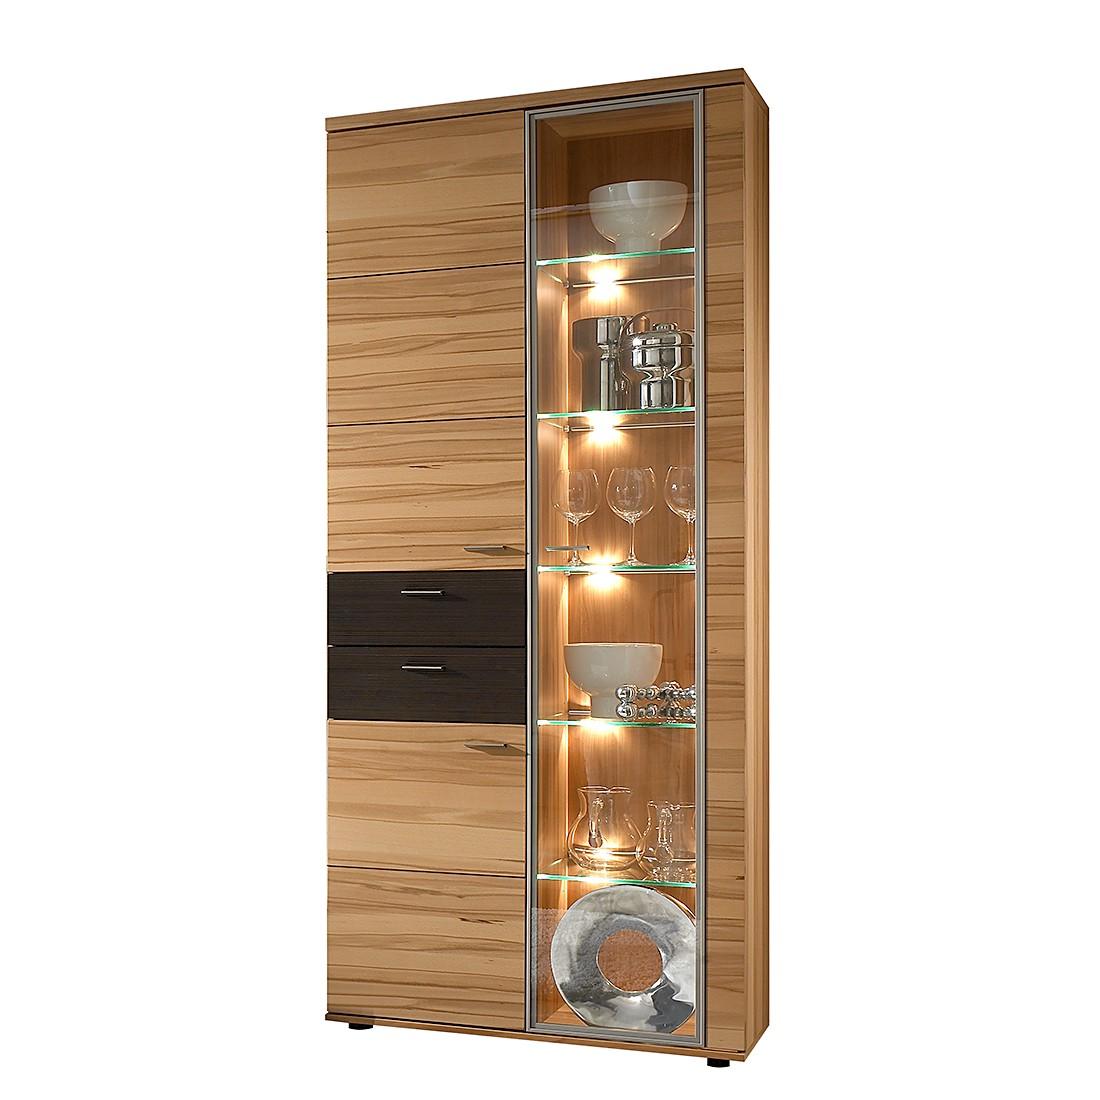 Vitrinenschrank Vita I – Kernbuche – Glastür rechts – Mit Beleuchtung – 86 cm, Felke günstig bestellen